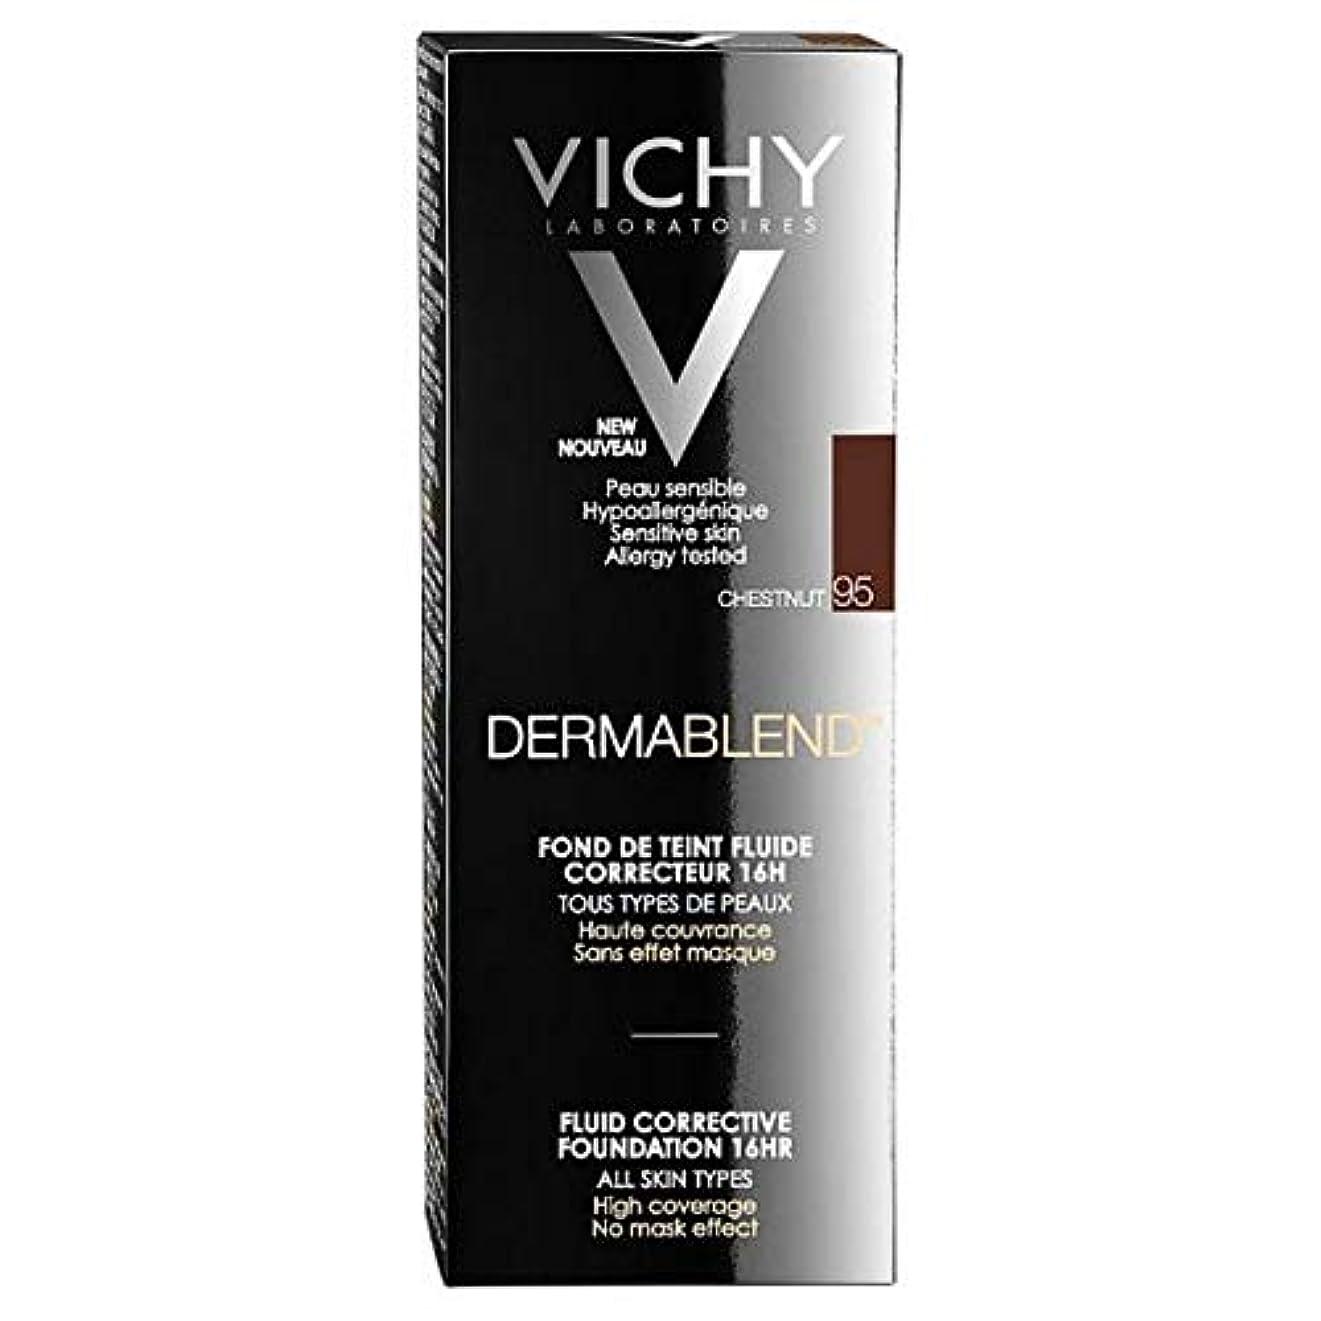 盗賊歴史対人[Vichy ] ヴィシーDermablend流体是正基盤95 30ミリリットル - Vichy Dermablend Fluid Corrective Foundation 95 30ml [並行輸入品]